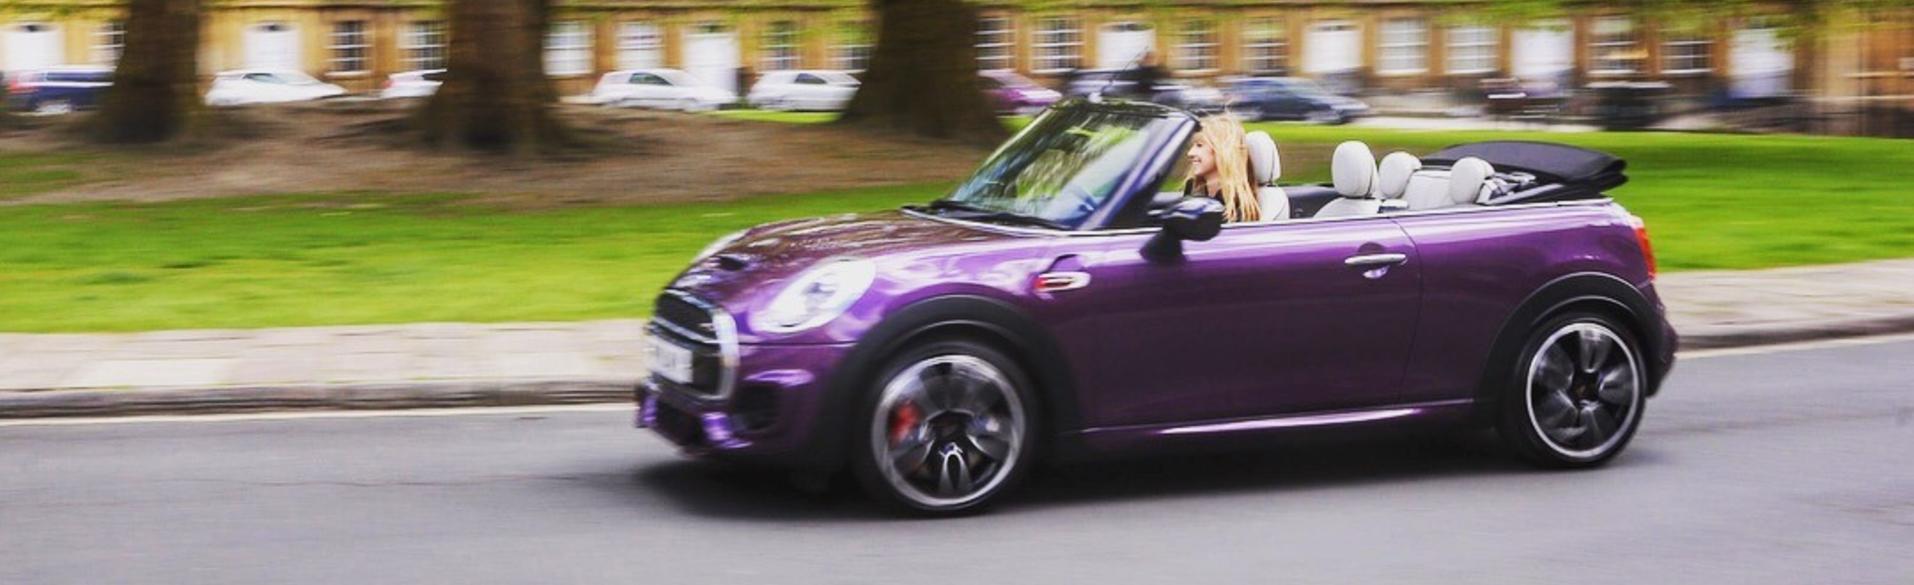 Purple Silk MINI Roof Down